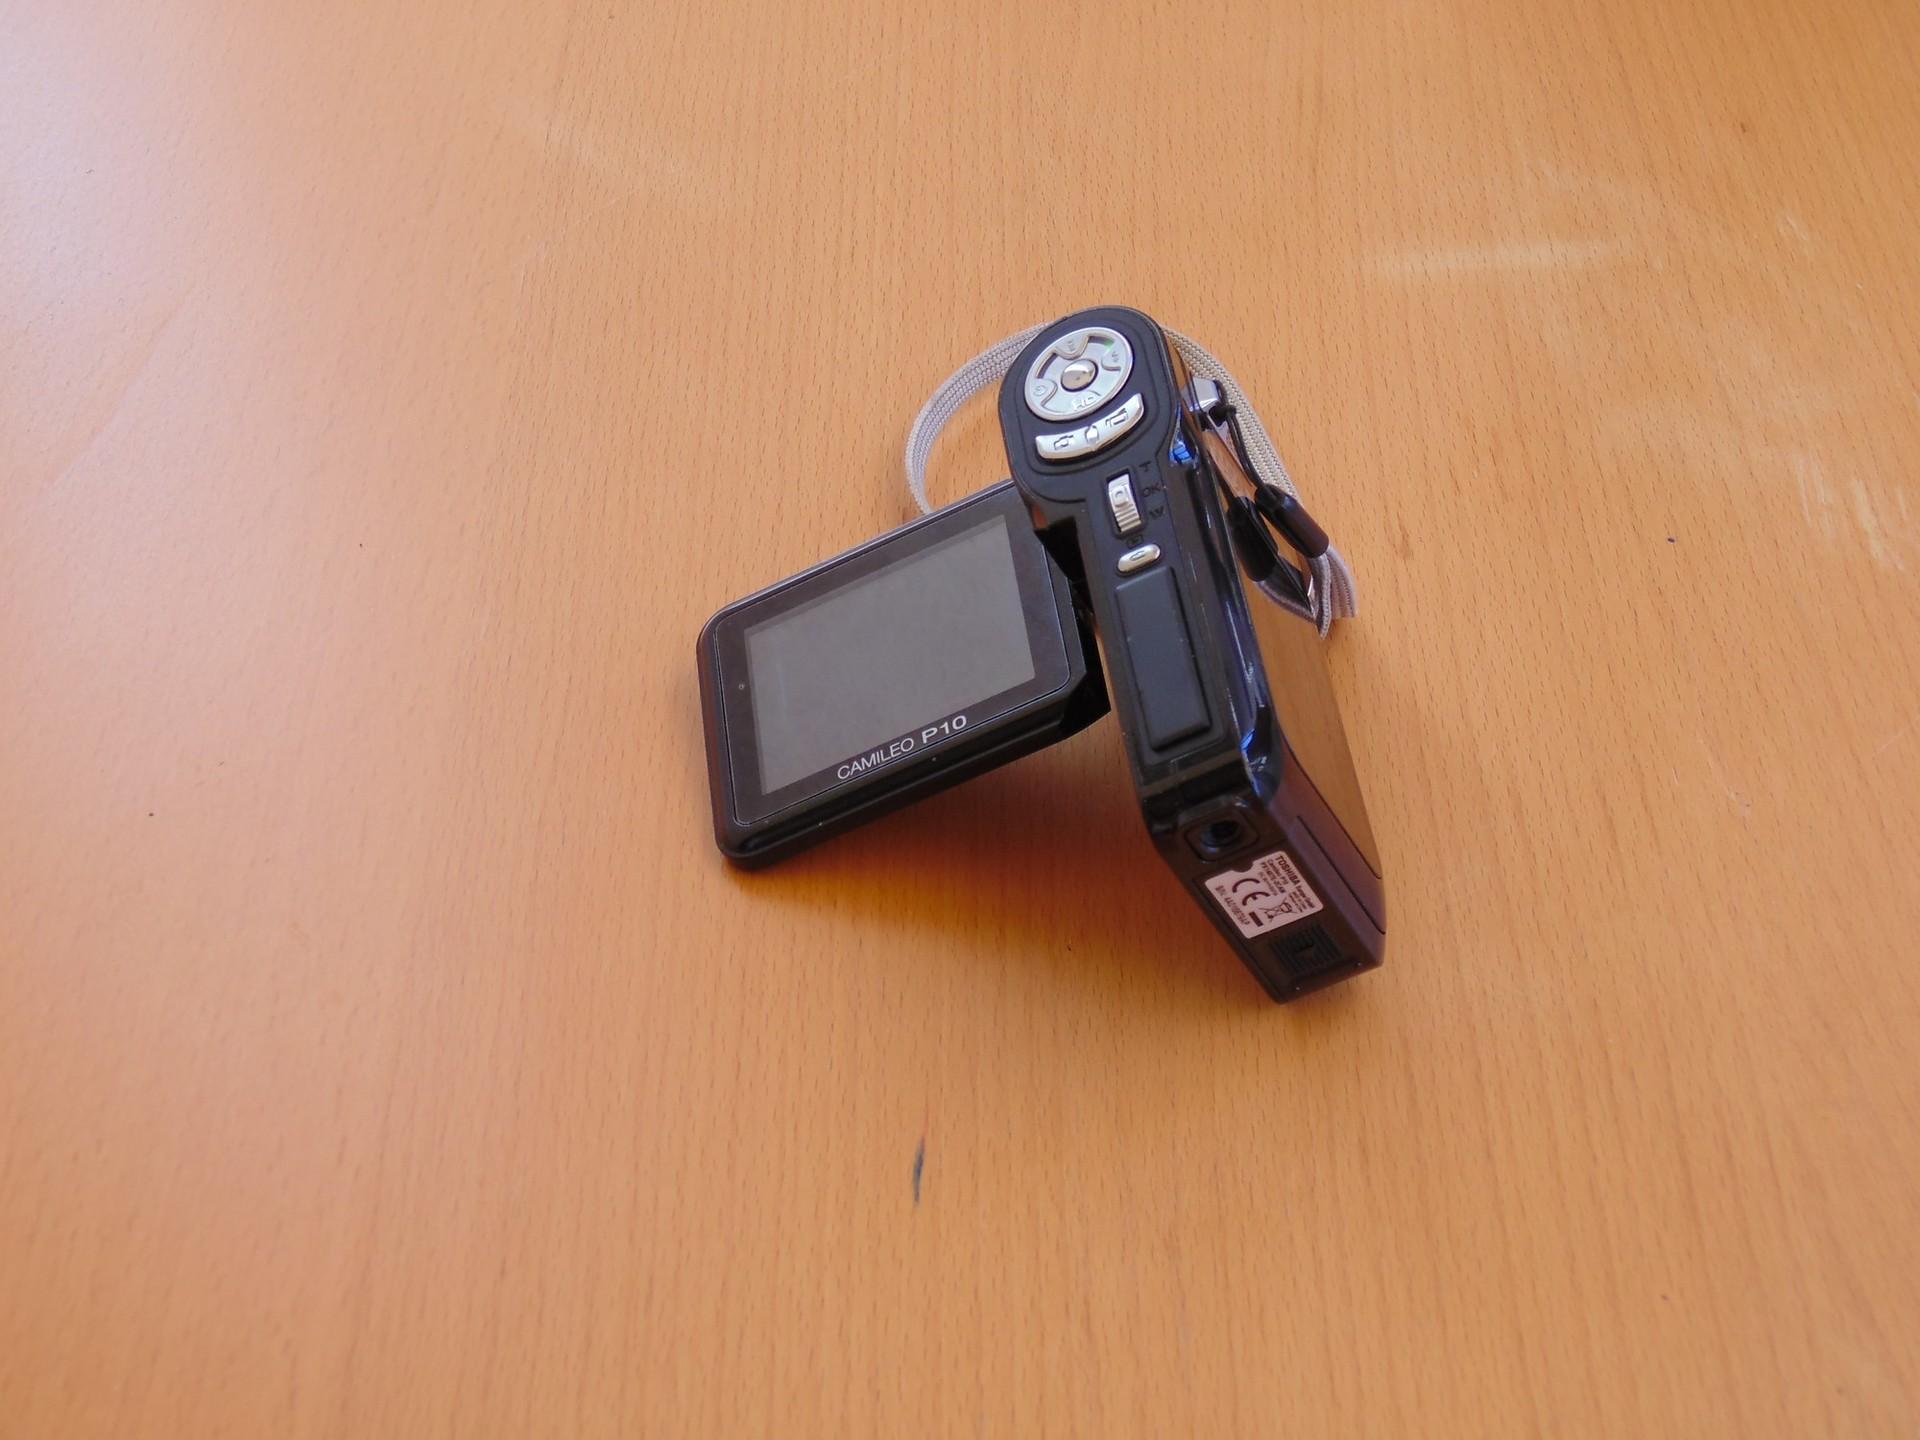 Гаджеты с барахолки: камкордер Toshiba Camileo P10 - 8